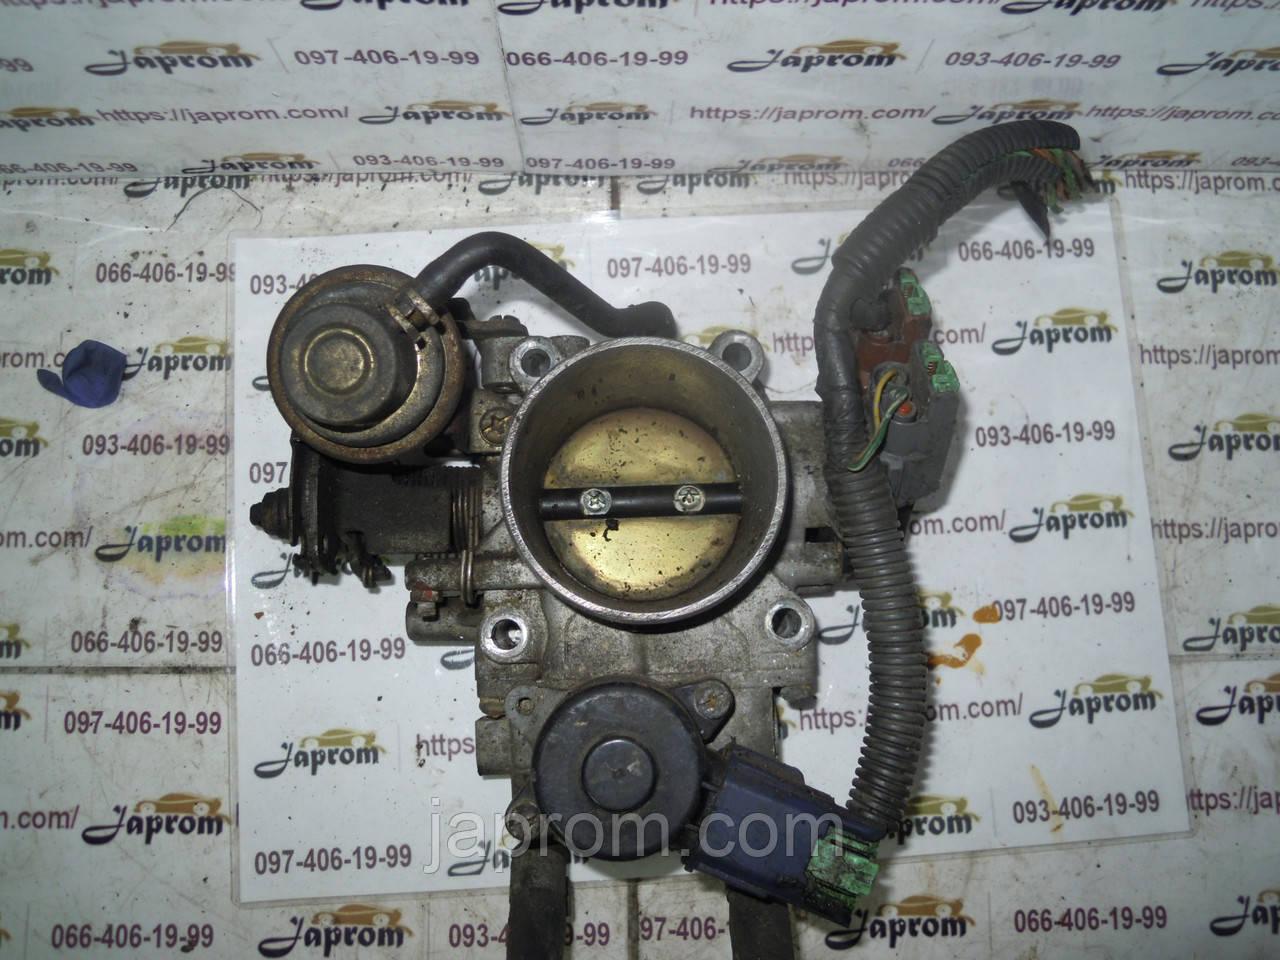 Дроссельная заслонка Nissan Primera P11 2000-2002г.в. SR20 2.0 бензин RTR60-62 рестайл